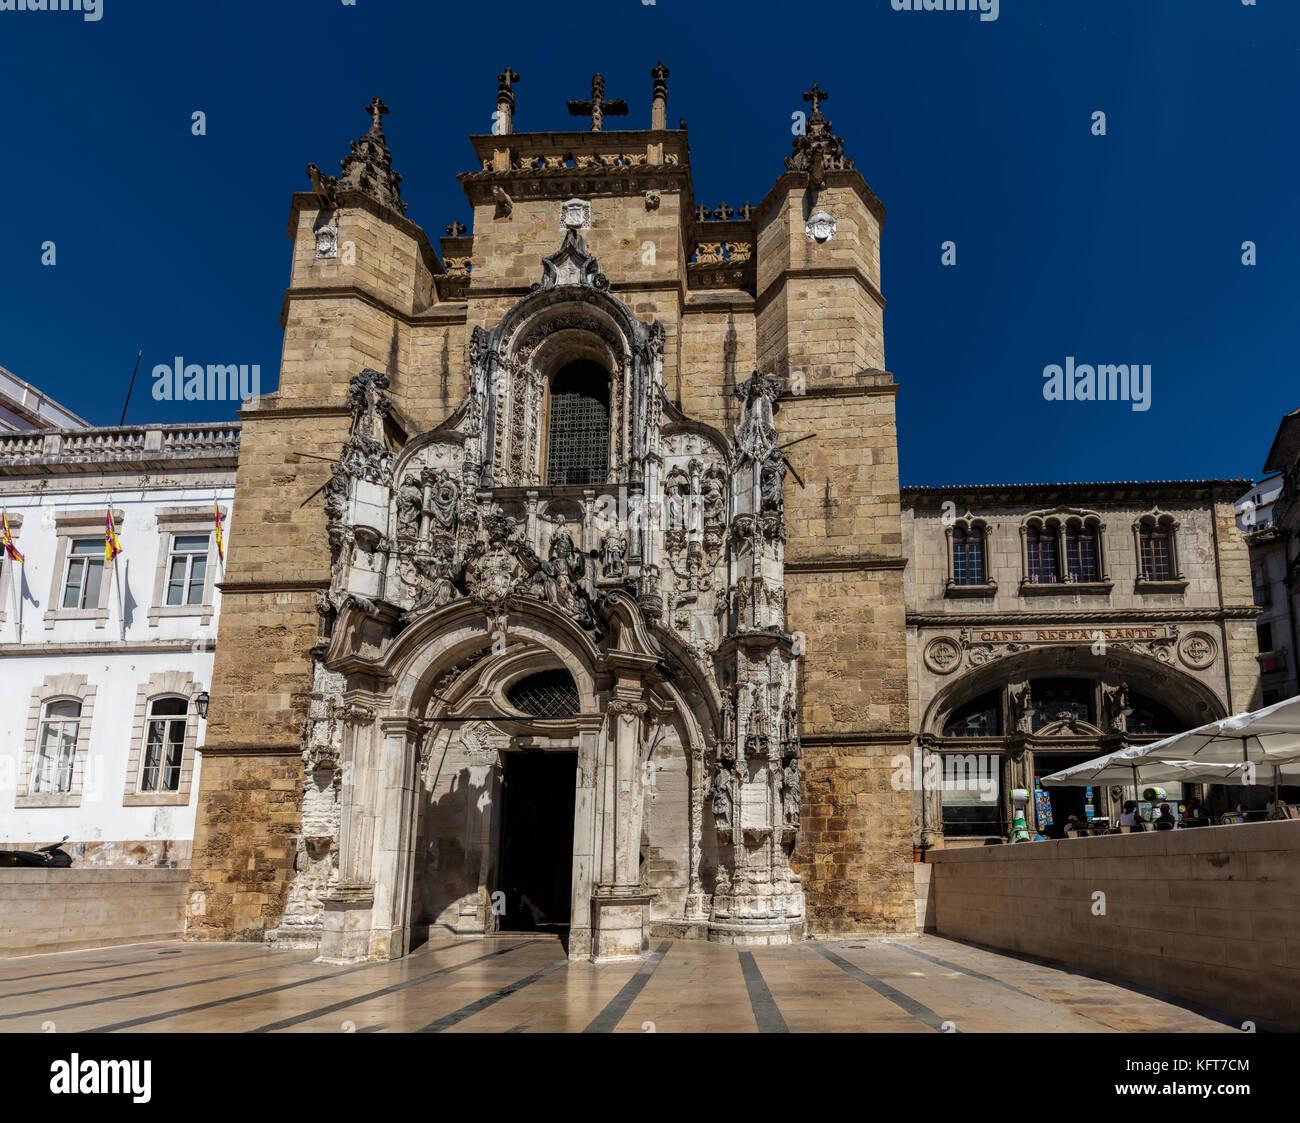 Santa Cruz Monastery in Coimbra, Portugal, founded in 1131 - Stock Image